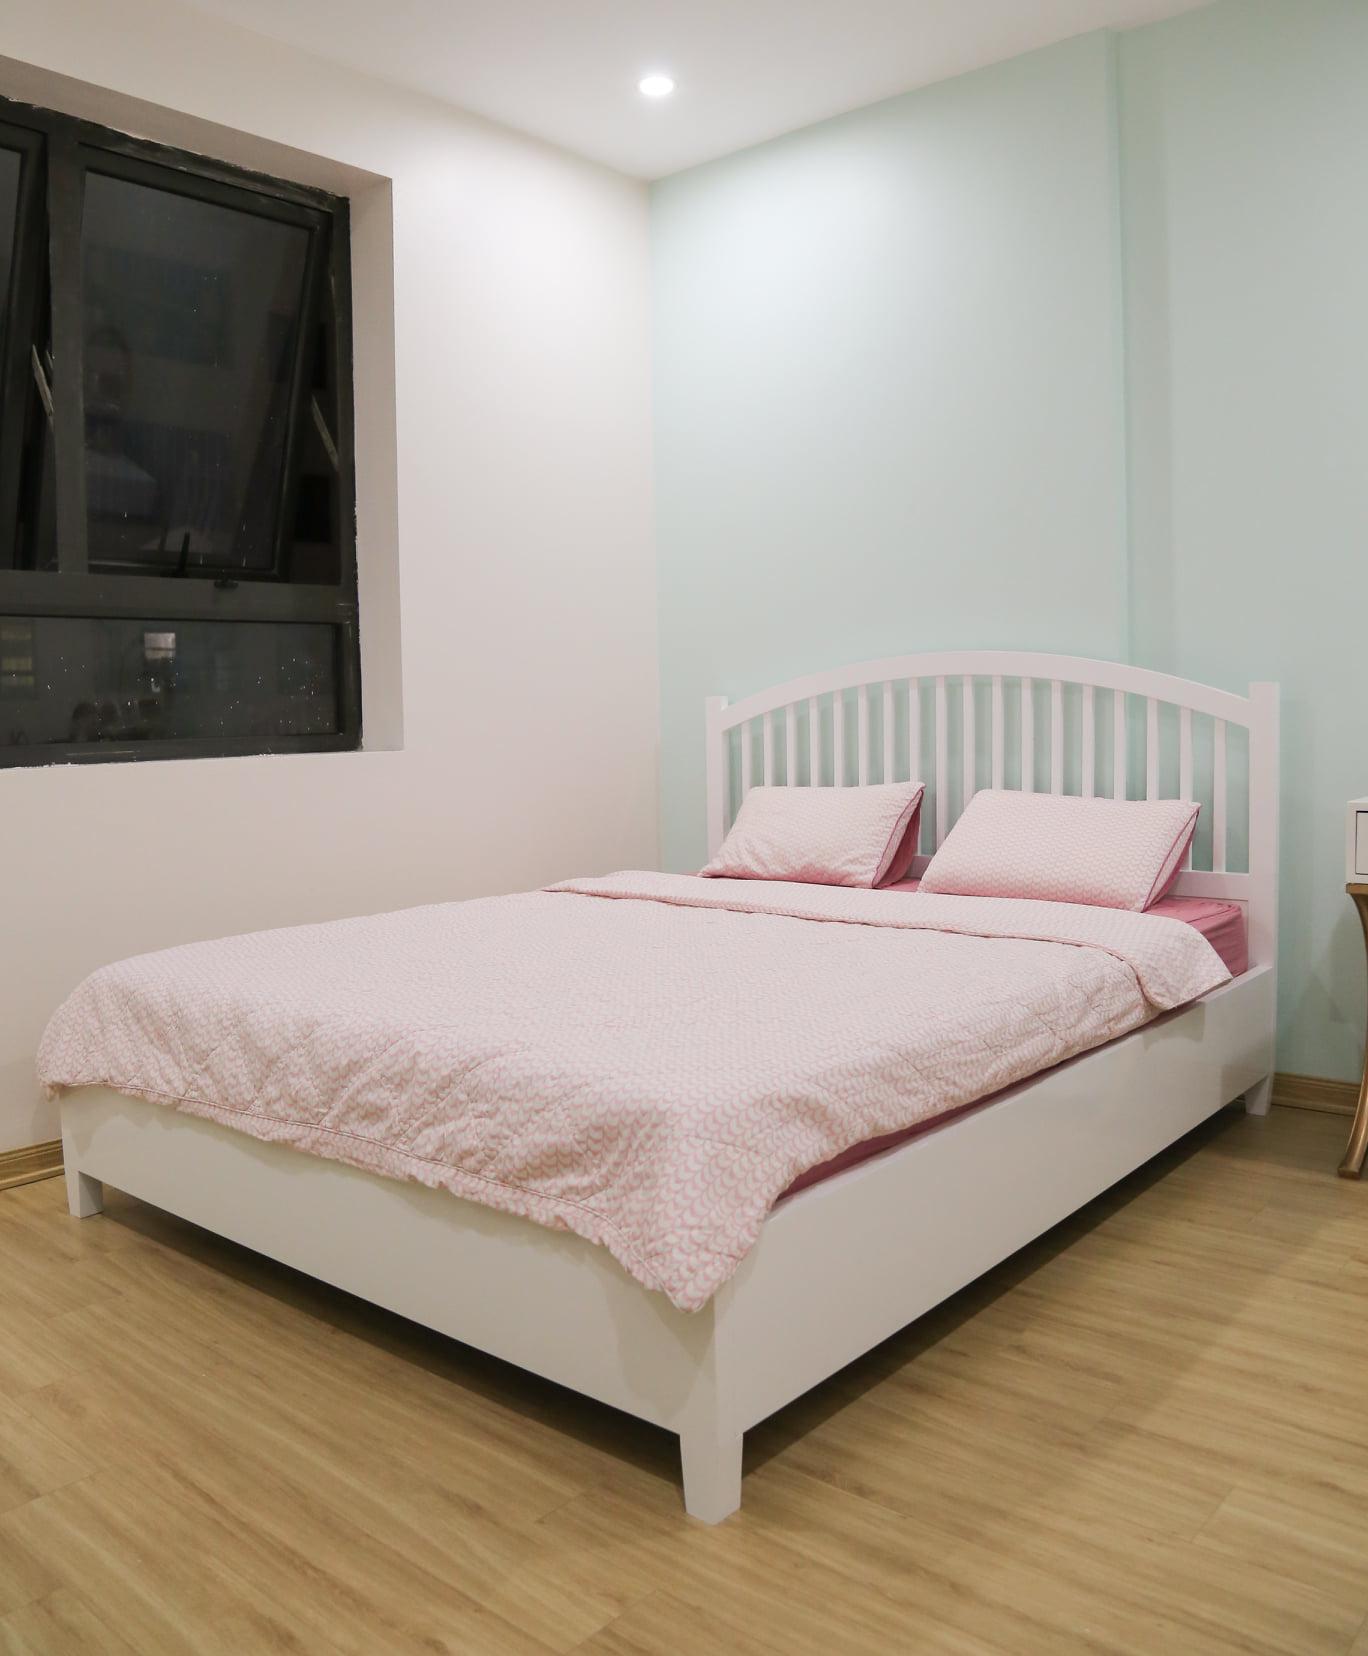 Chiếc giường màu trắng, thiết kế tối giản chi tiết để không rối mắt.